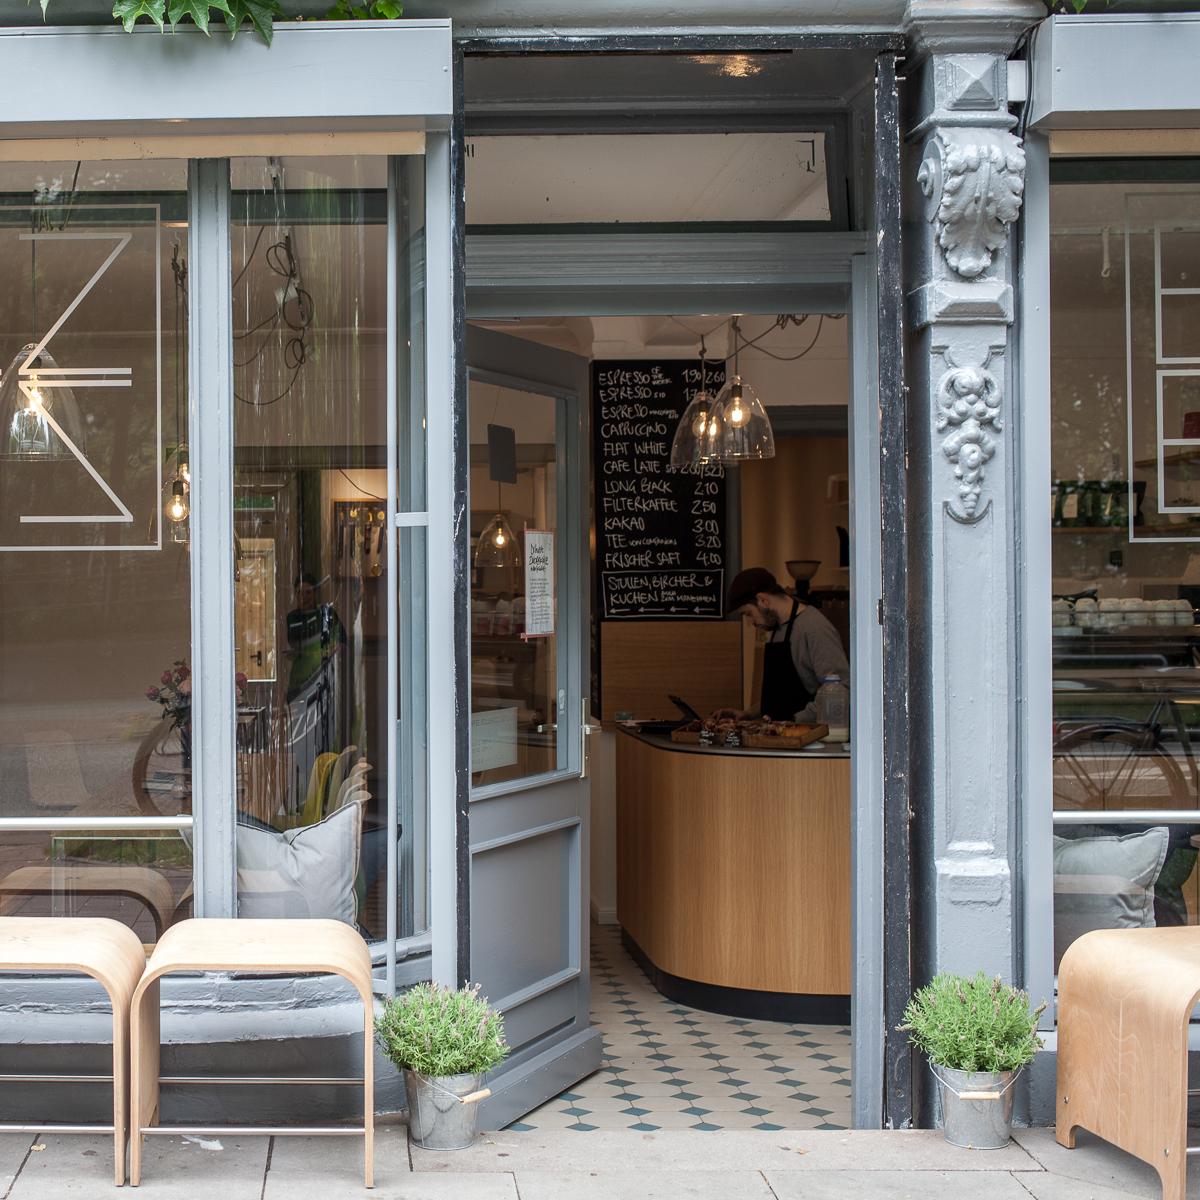 Café Balz und Balz Hamburg-Hoheluft